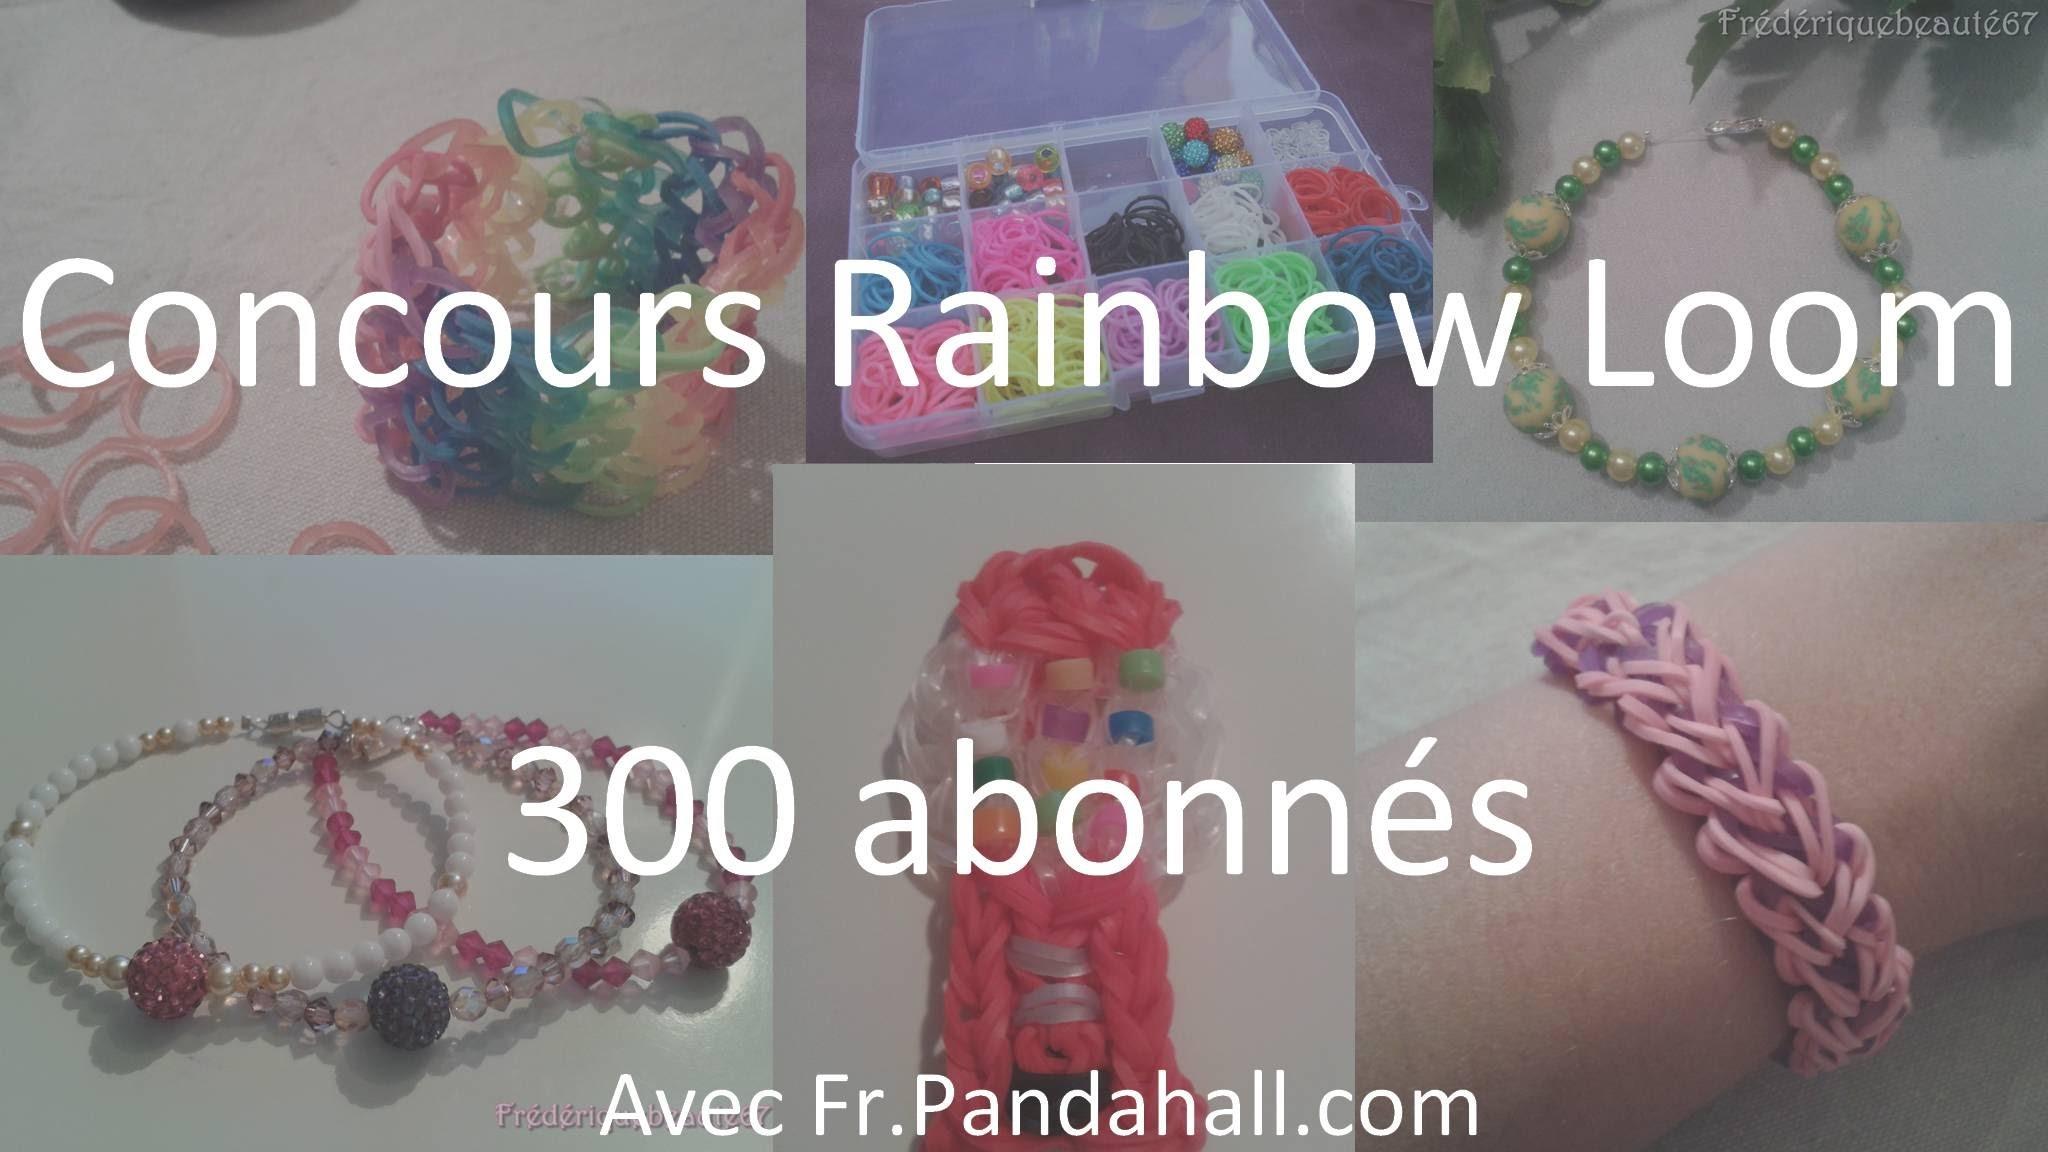 CONCOURS [FERME] Rainbow loom 300 Abonnés avec Fr.Pandahall.com